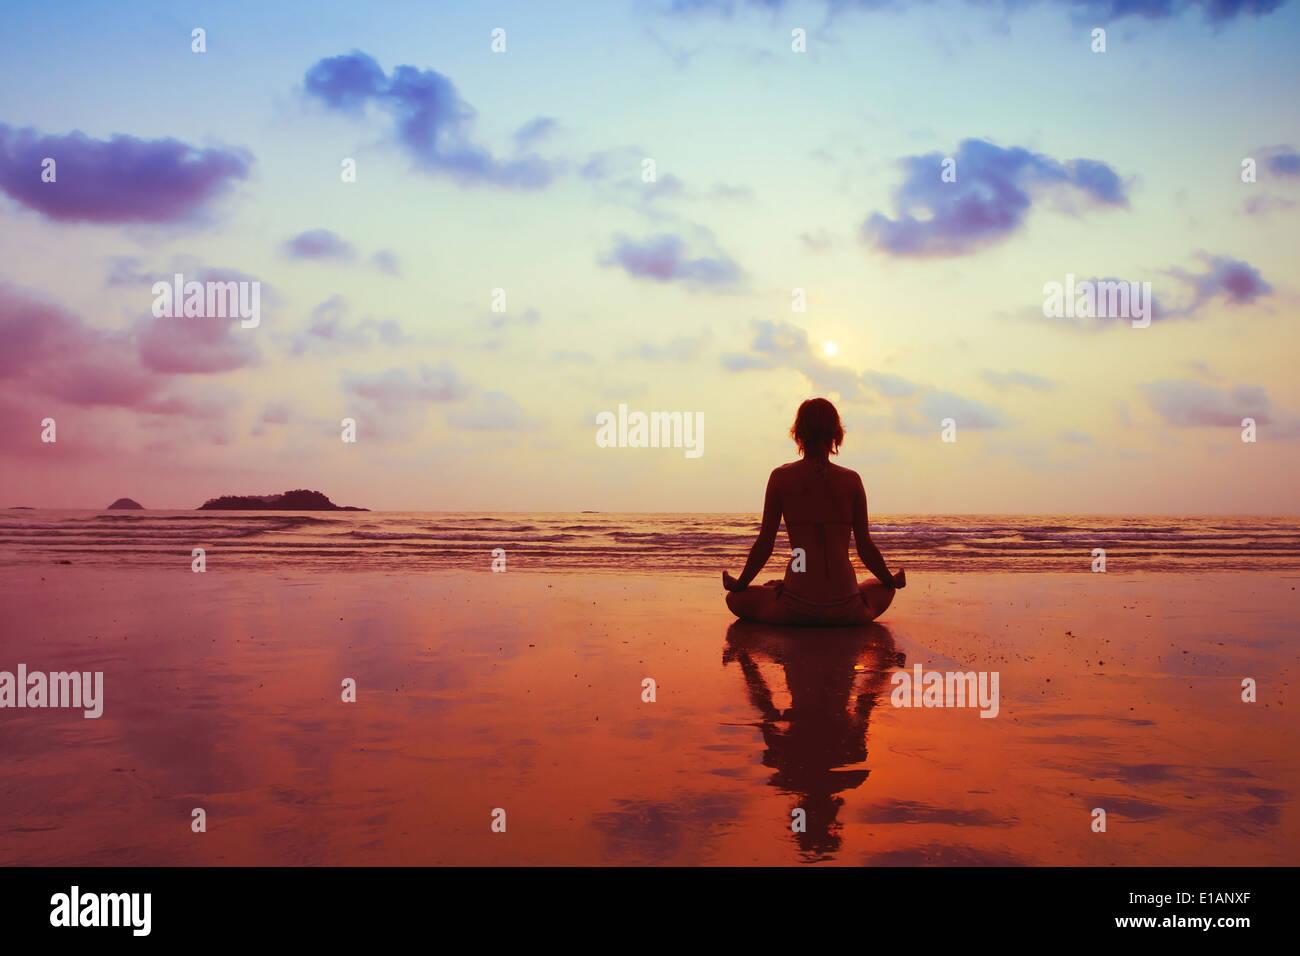 Concepto de estilo de vida saludable, el cuerpo, la mente y el espíritu Imagen De Stock